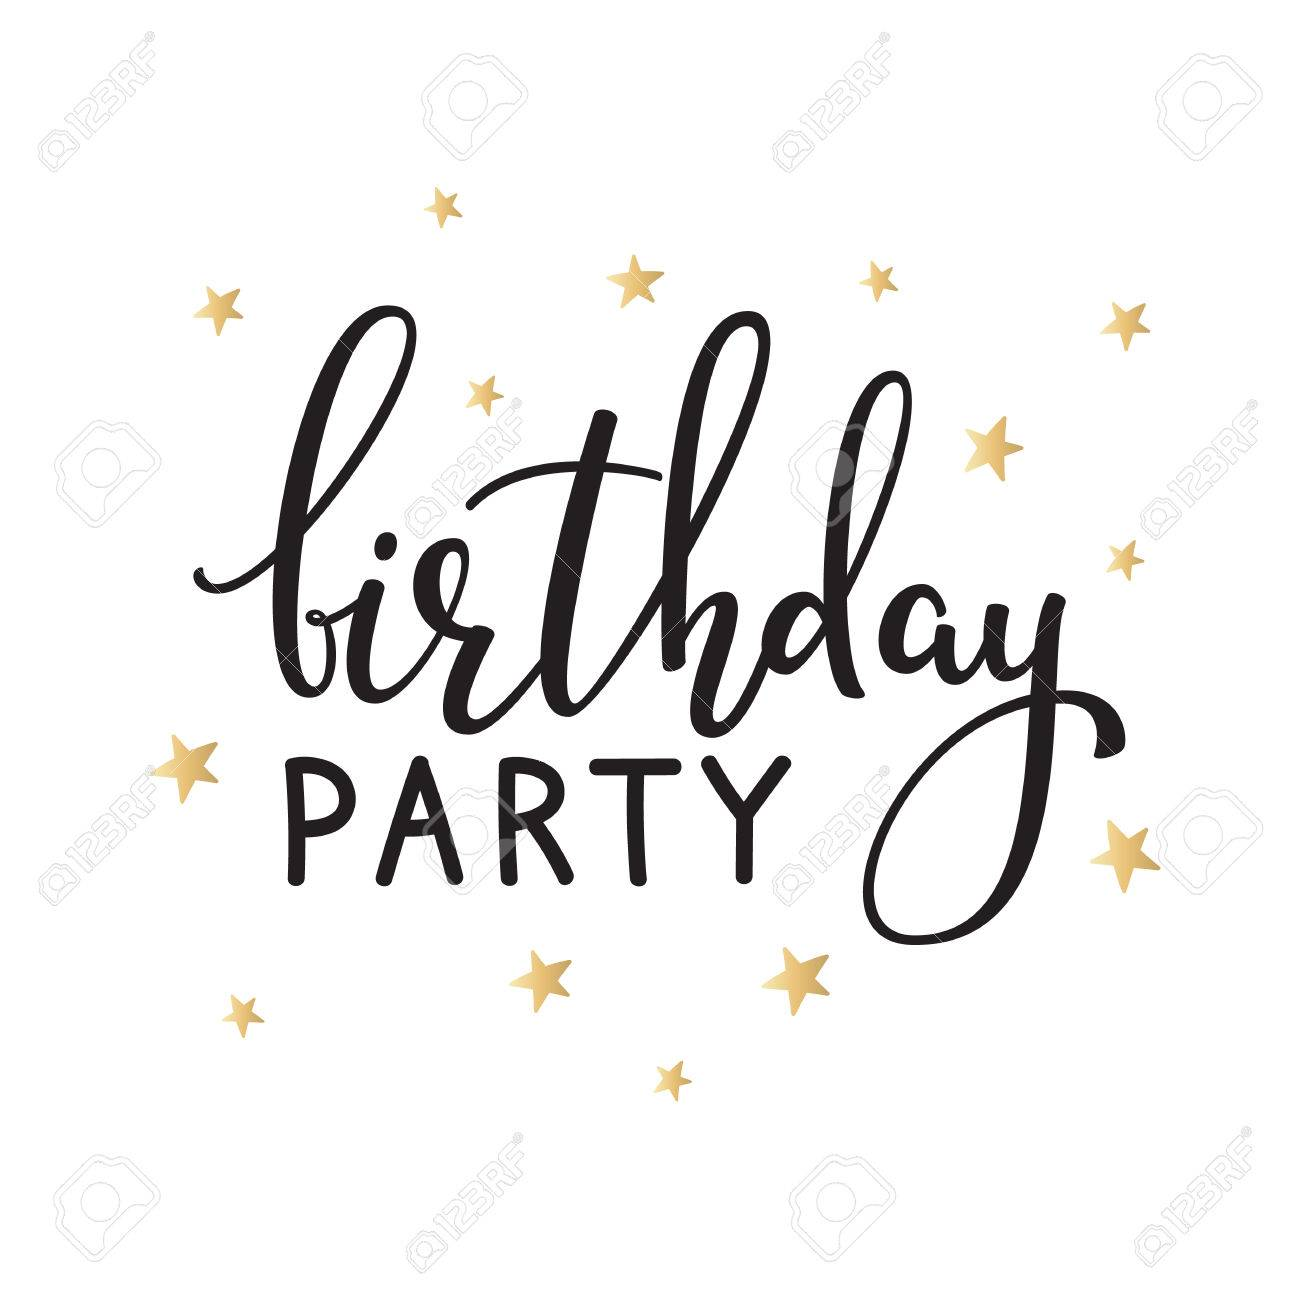 Alles Gute Zum Geburtstag Einladung Zeichen Zitat Typografie